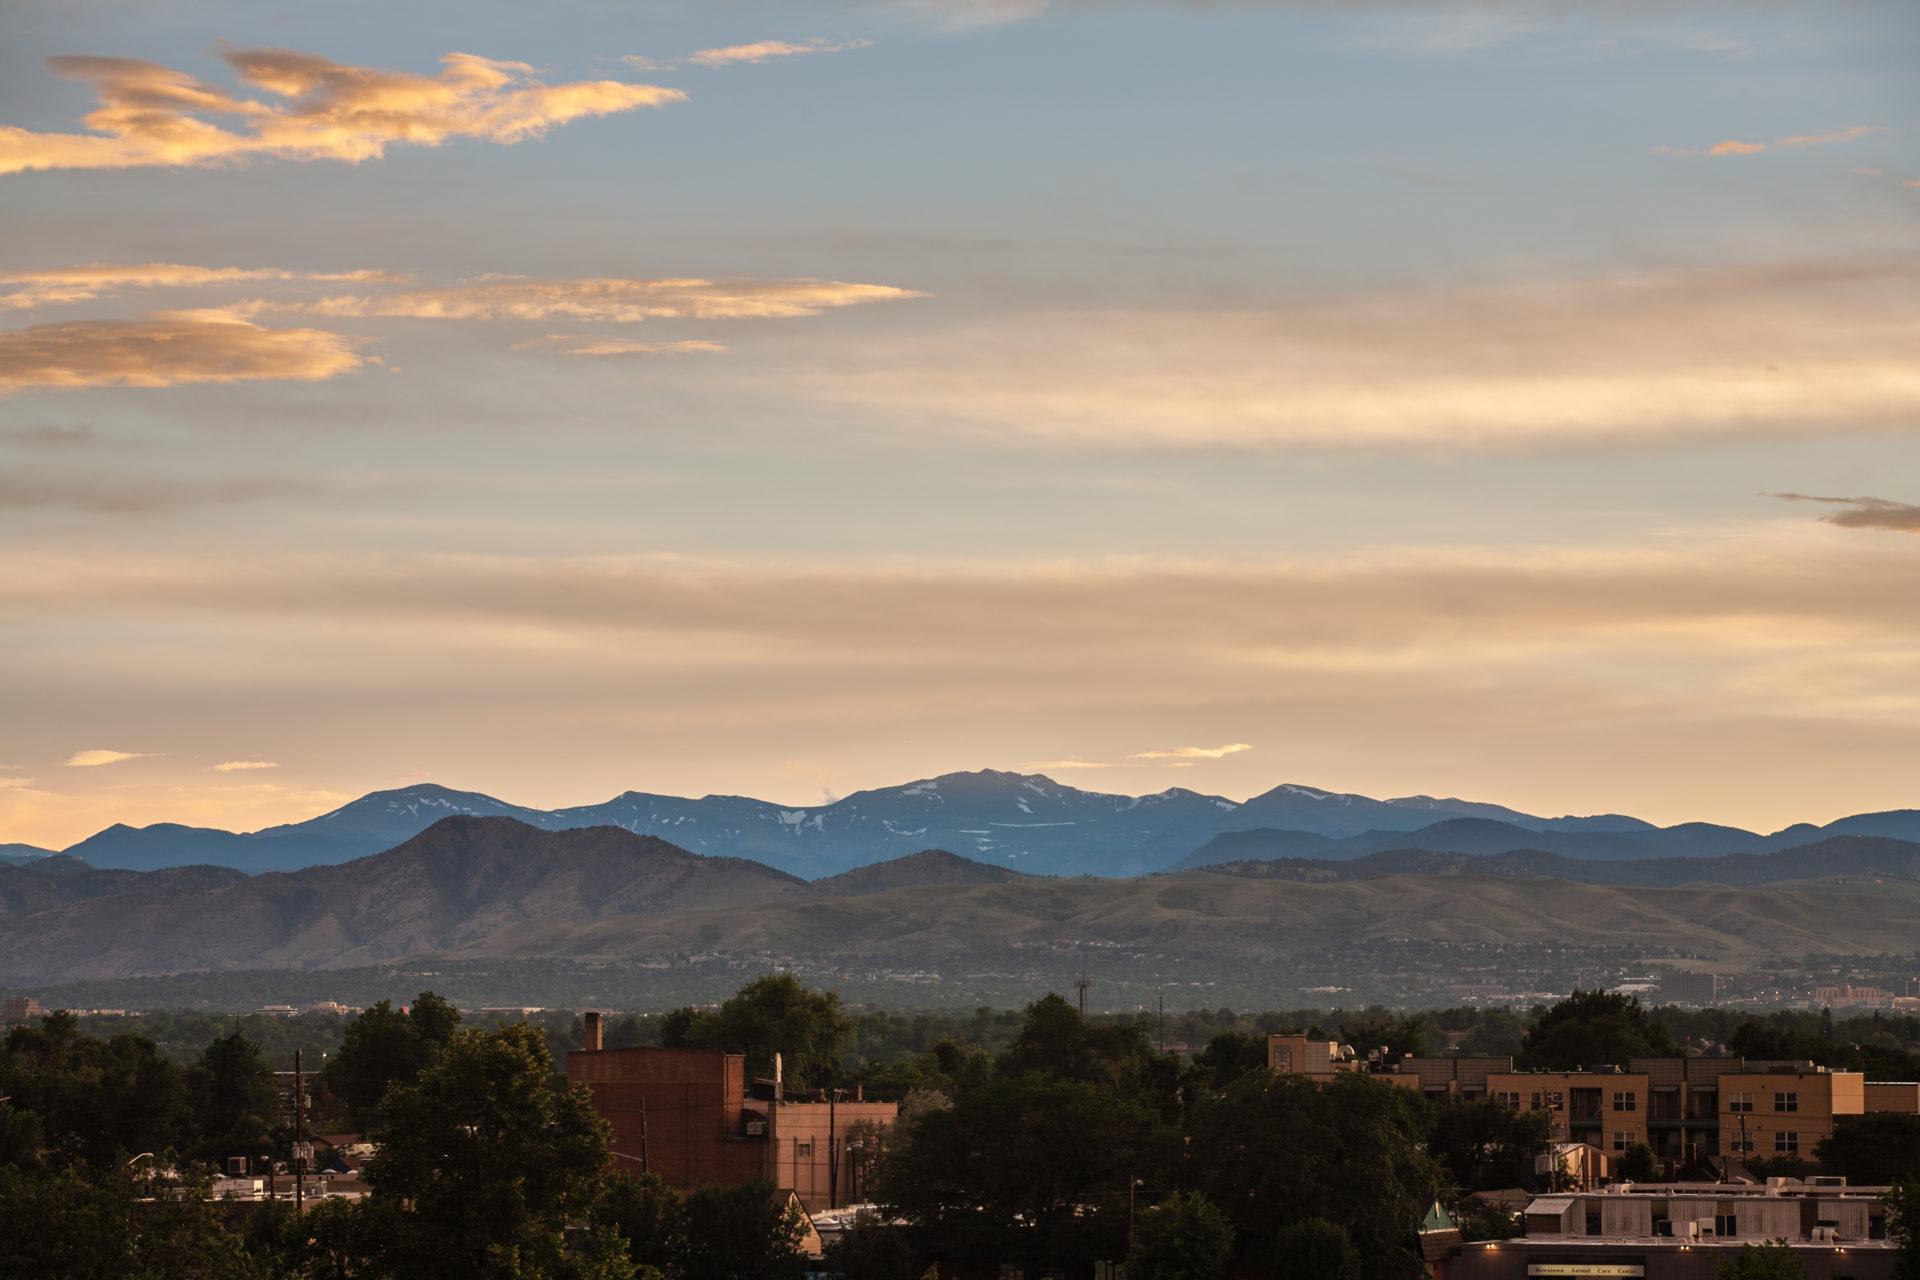 Mount Evans sunset - July 11, 2011